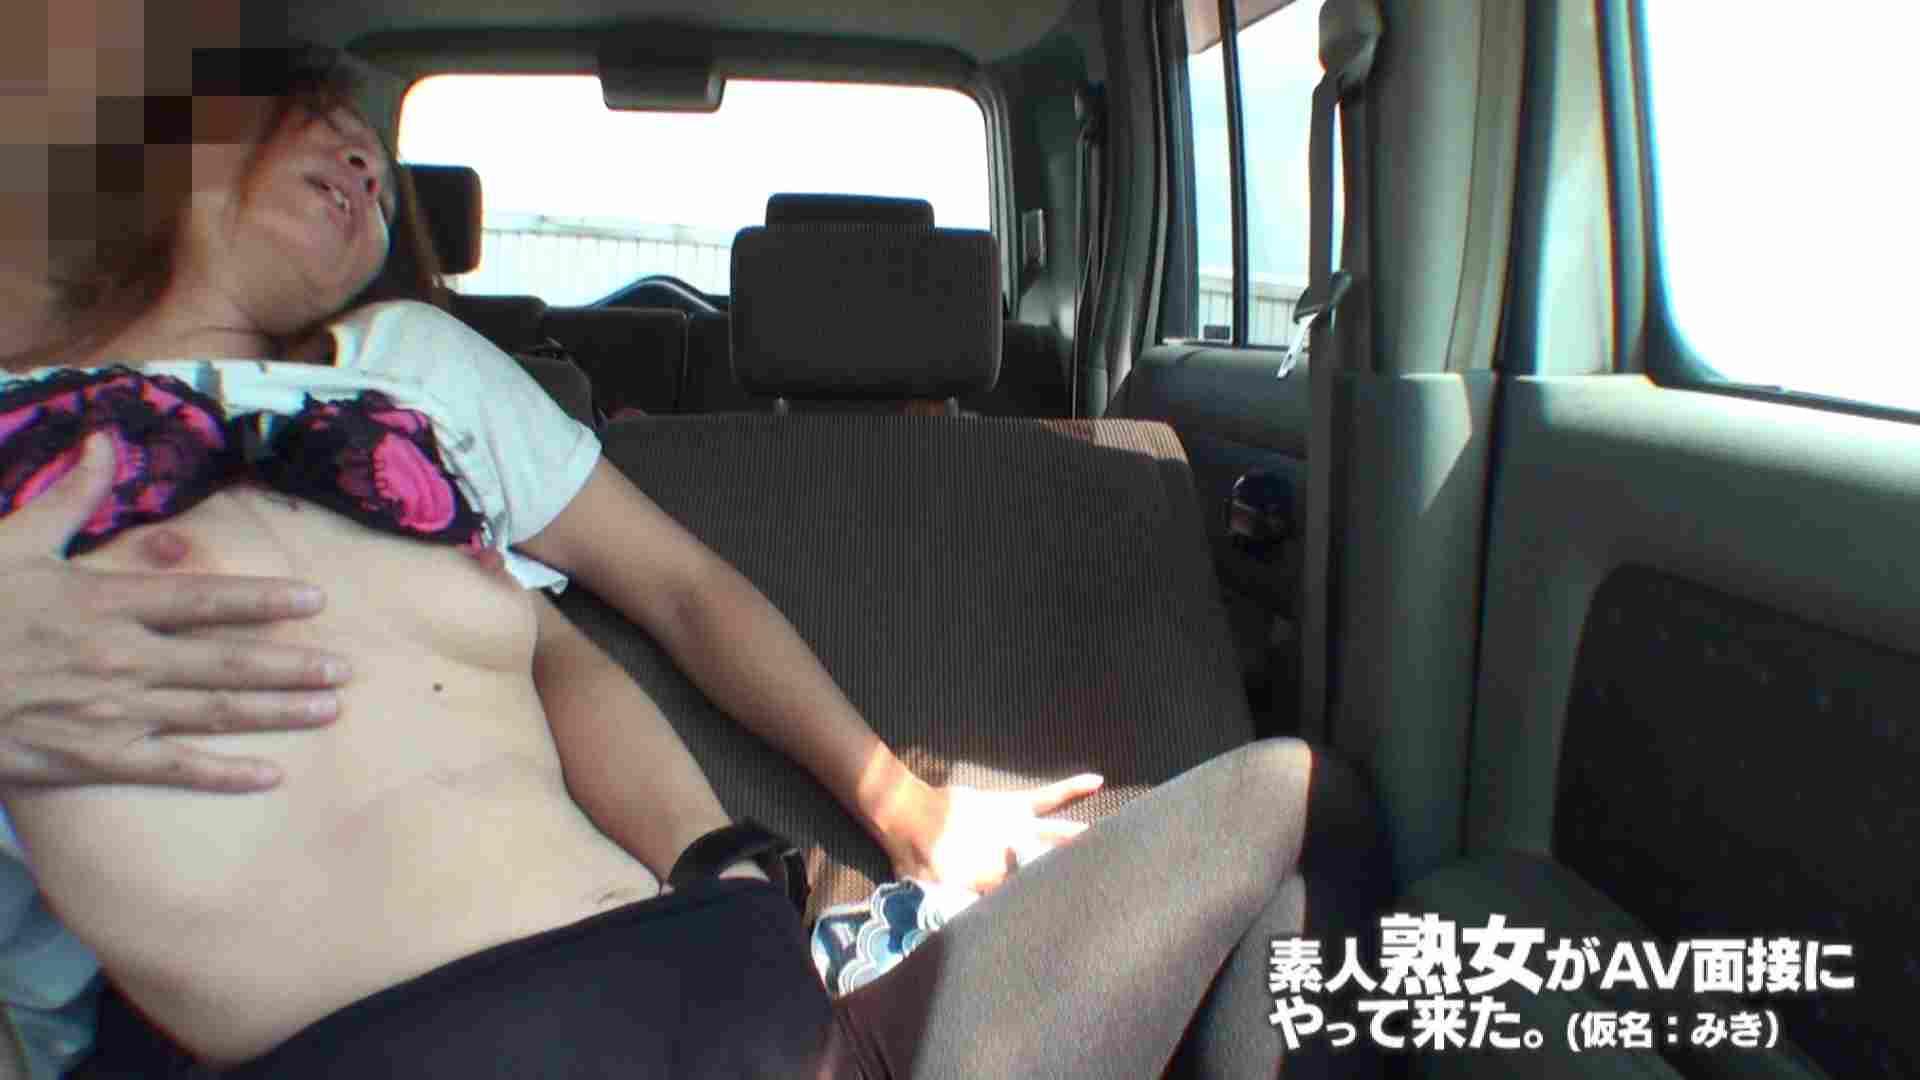 素人熟女がAV面接にやってきた (熟女)みきさんVOL.02 車 | 熟女の裸体  84画像 69